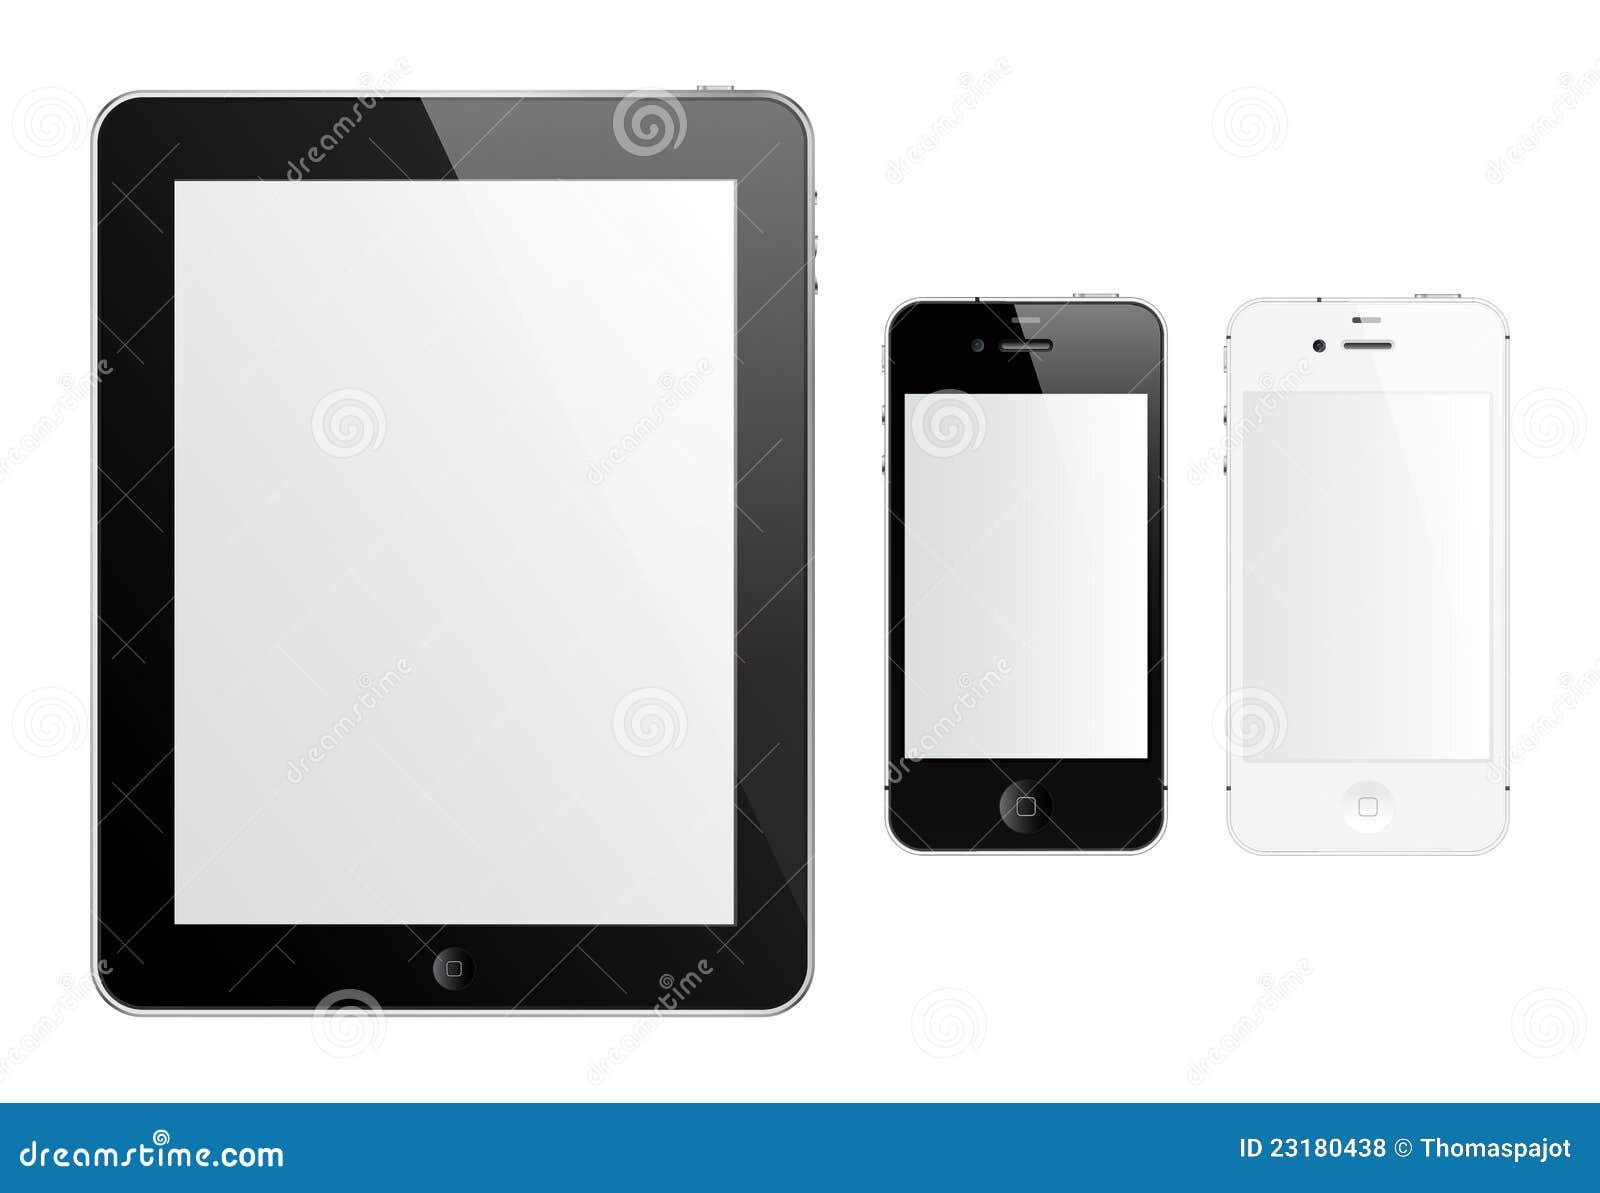 IPad 2 et iPhone 4S